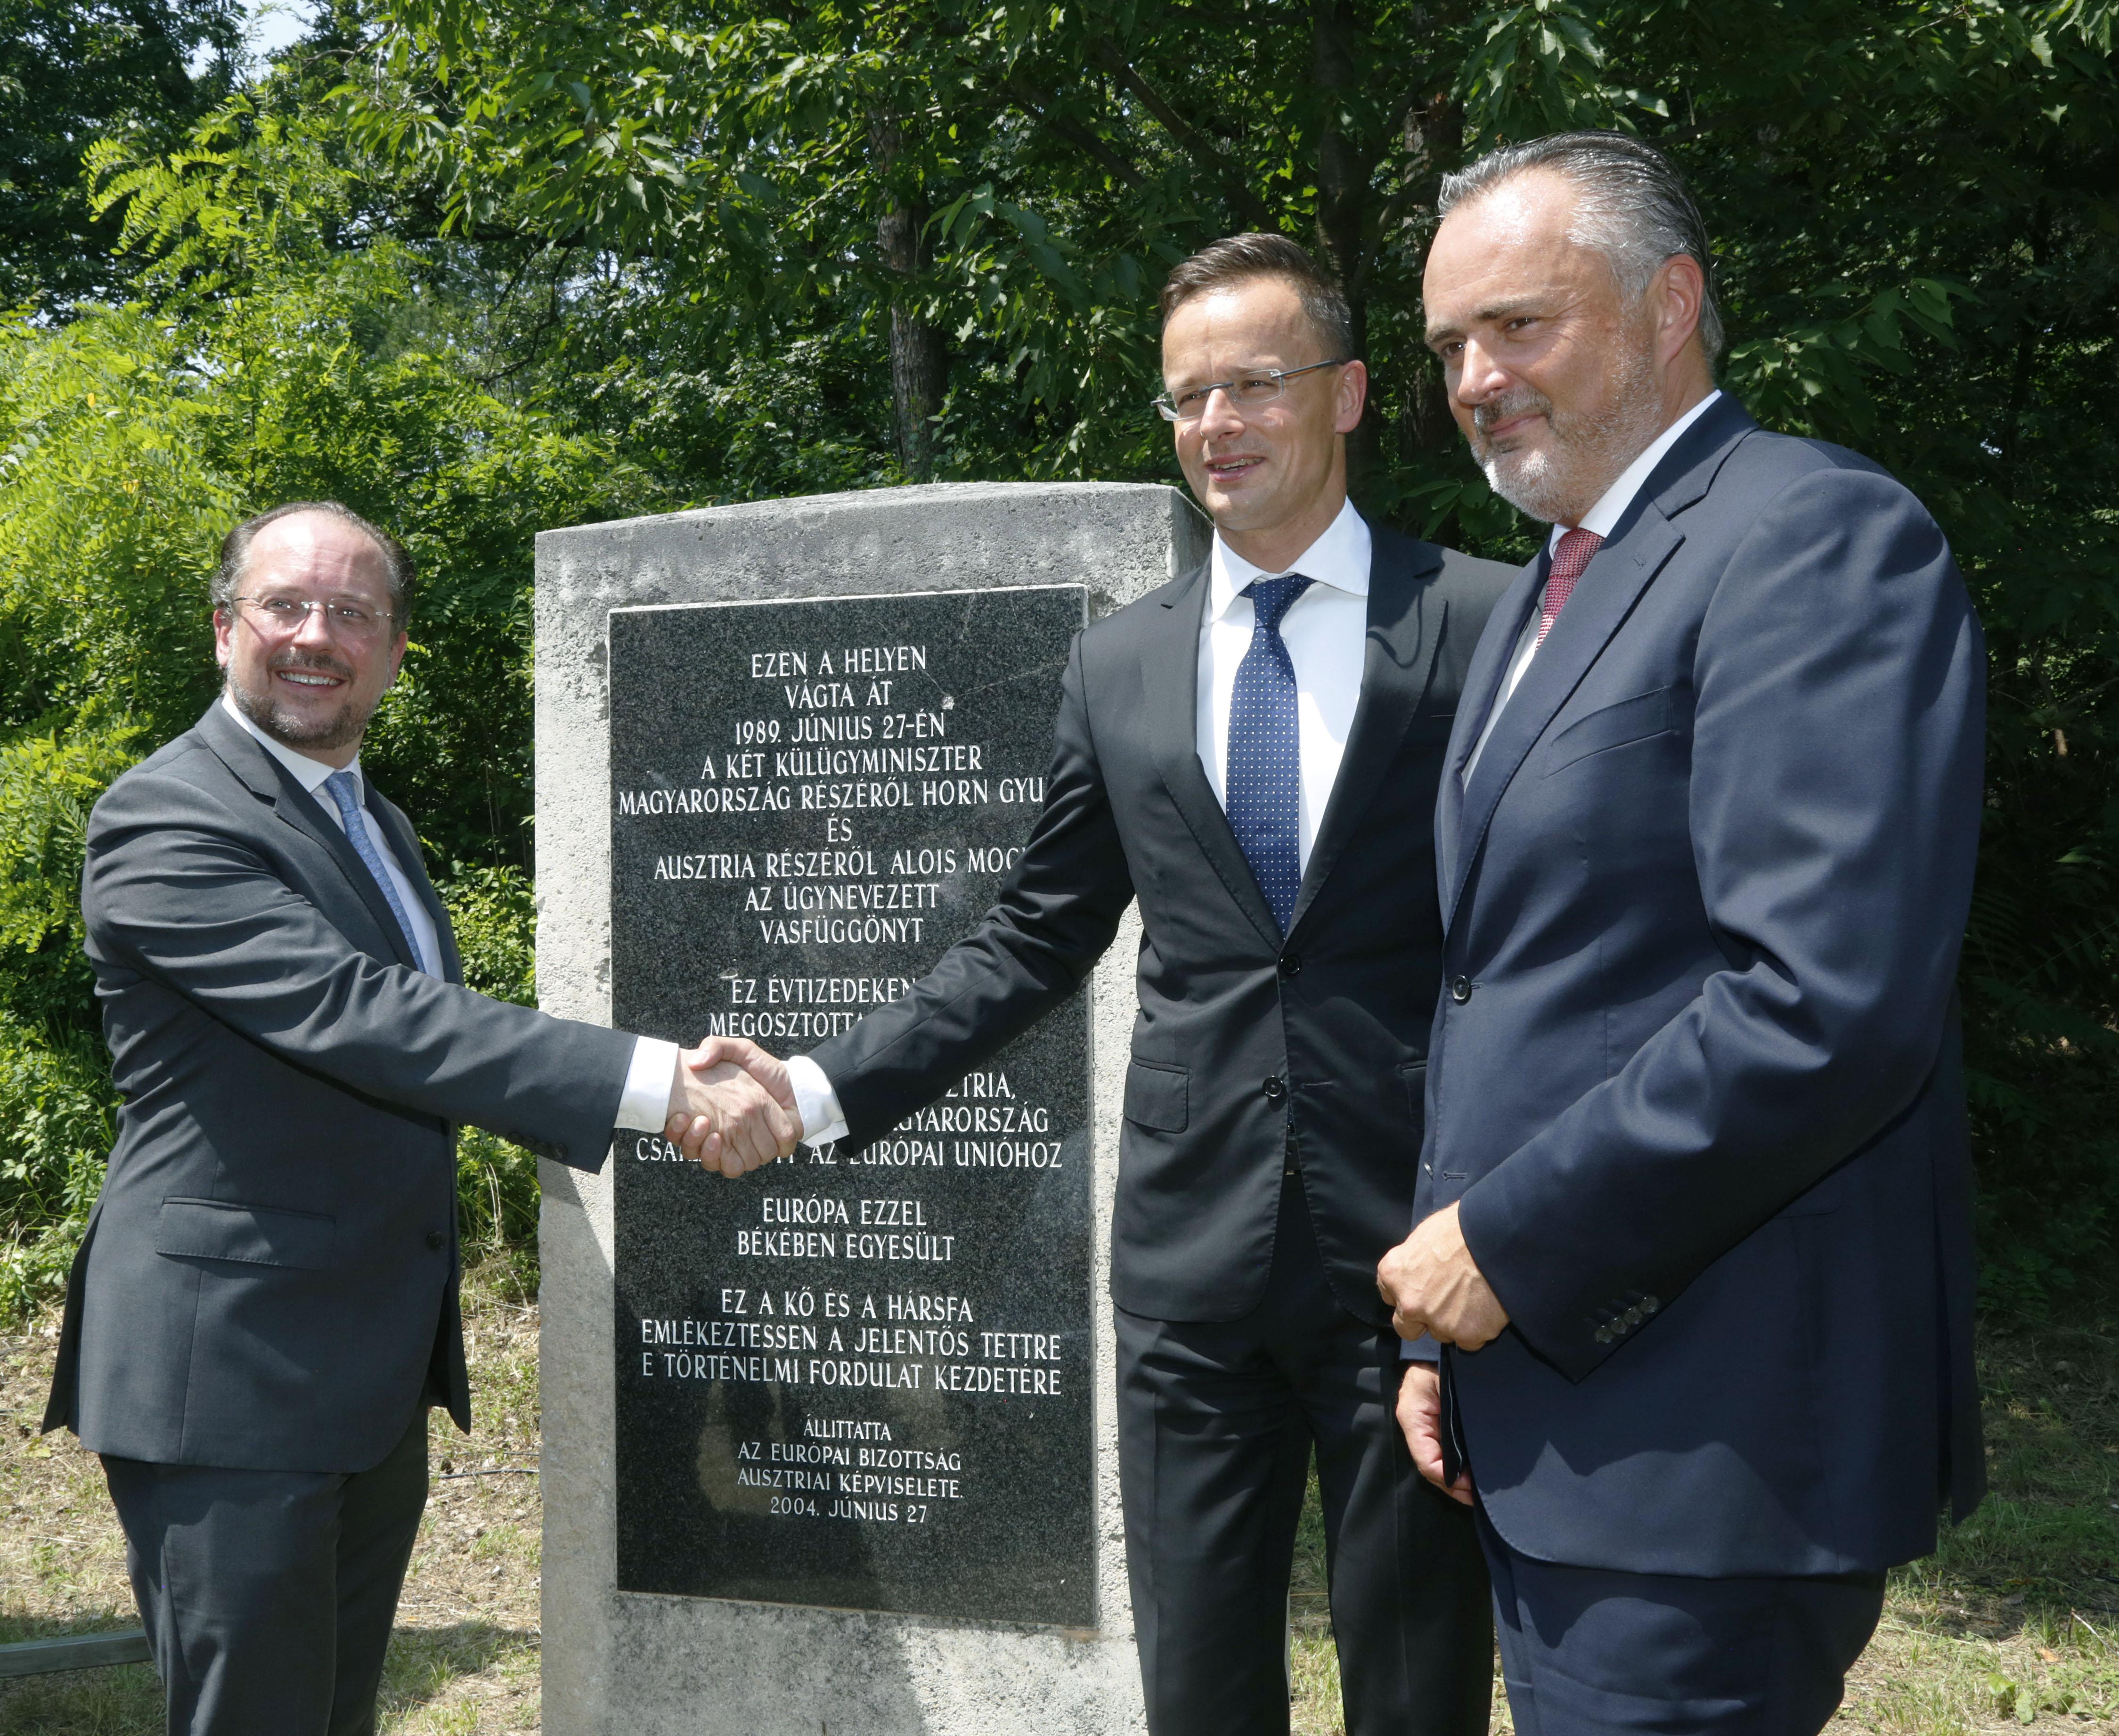 30 Jahre Fall des Eisernen Vorhangs: Gedenkfeier in Ungarn post's picture